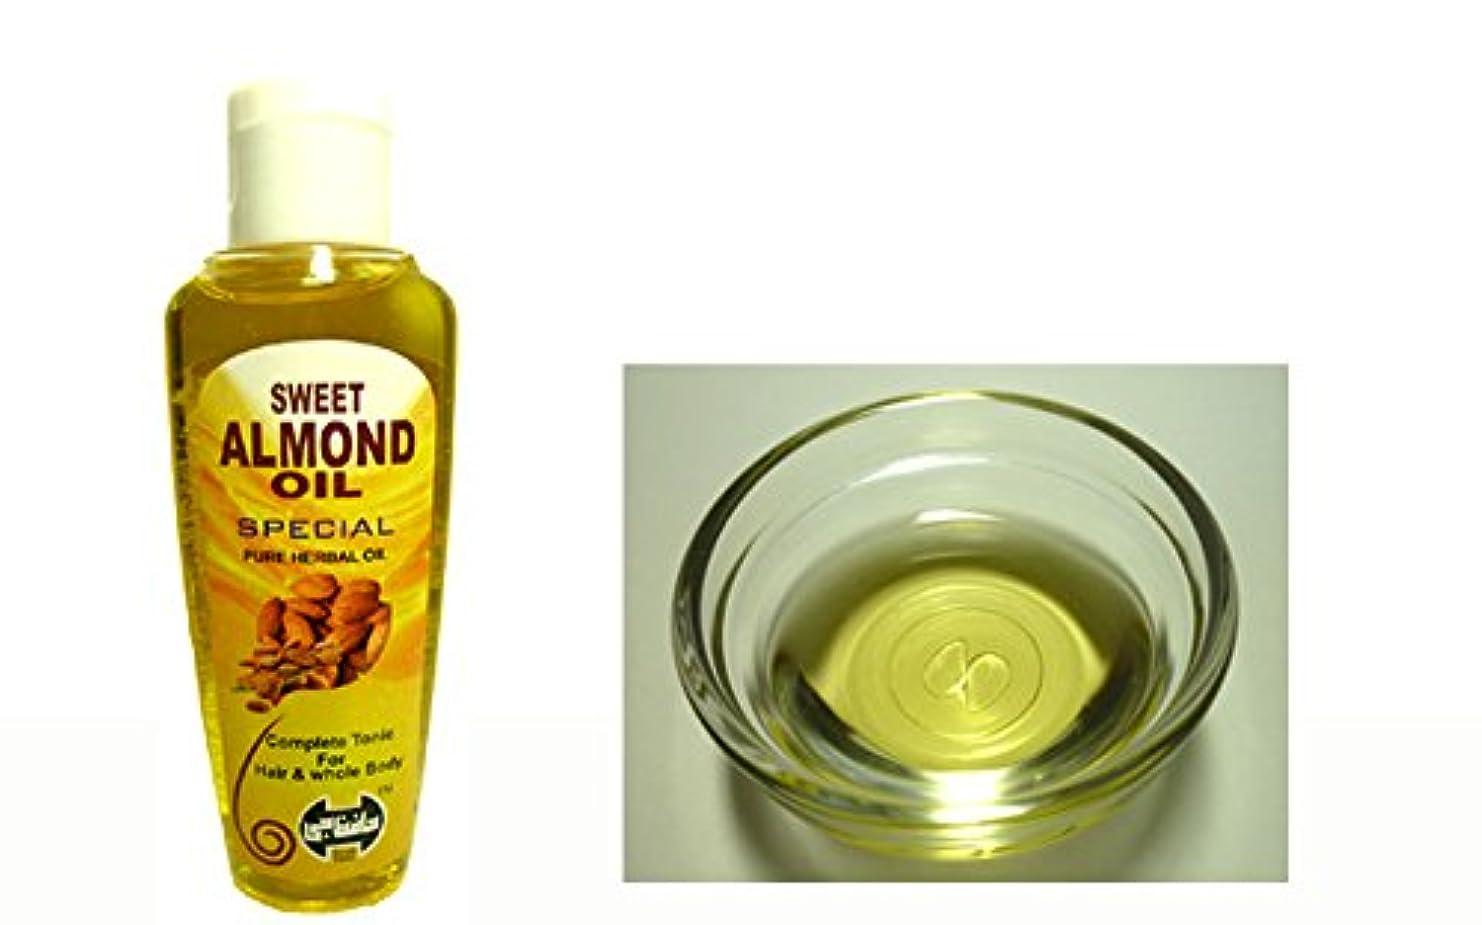 害虫八フェローシップハーフィズ ヂー スイートアーモンド オイル 70ml (100% ピュアスイートアーモンド) HAFIZ JEE SWEET ALMOND OIL PURE HERBAL(For Hair & whole Body)